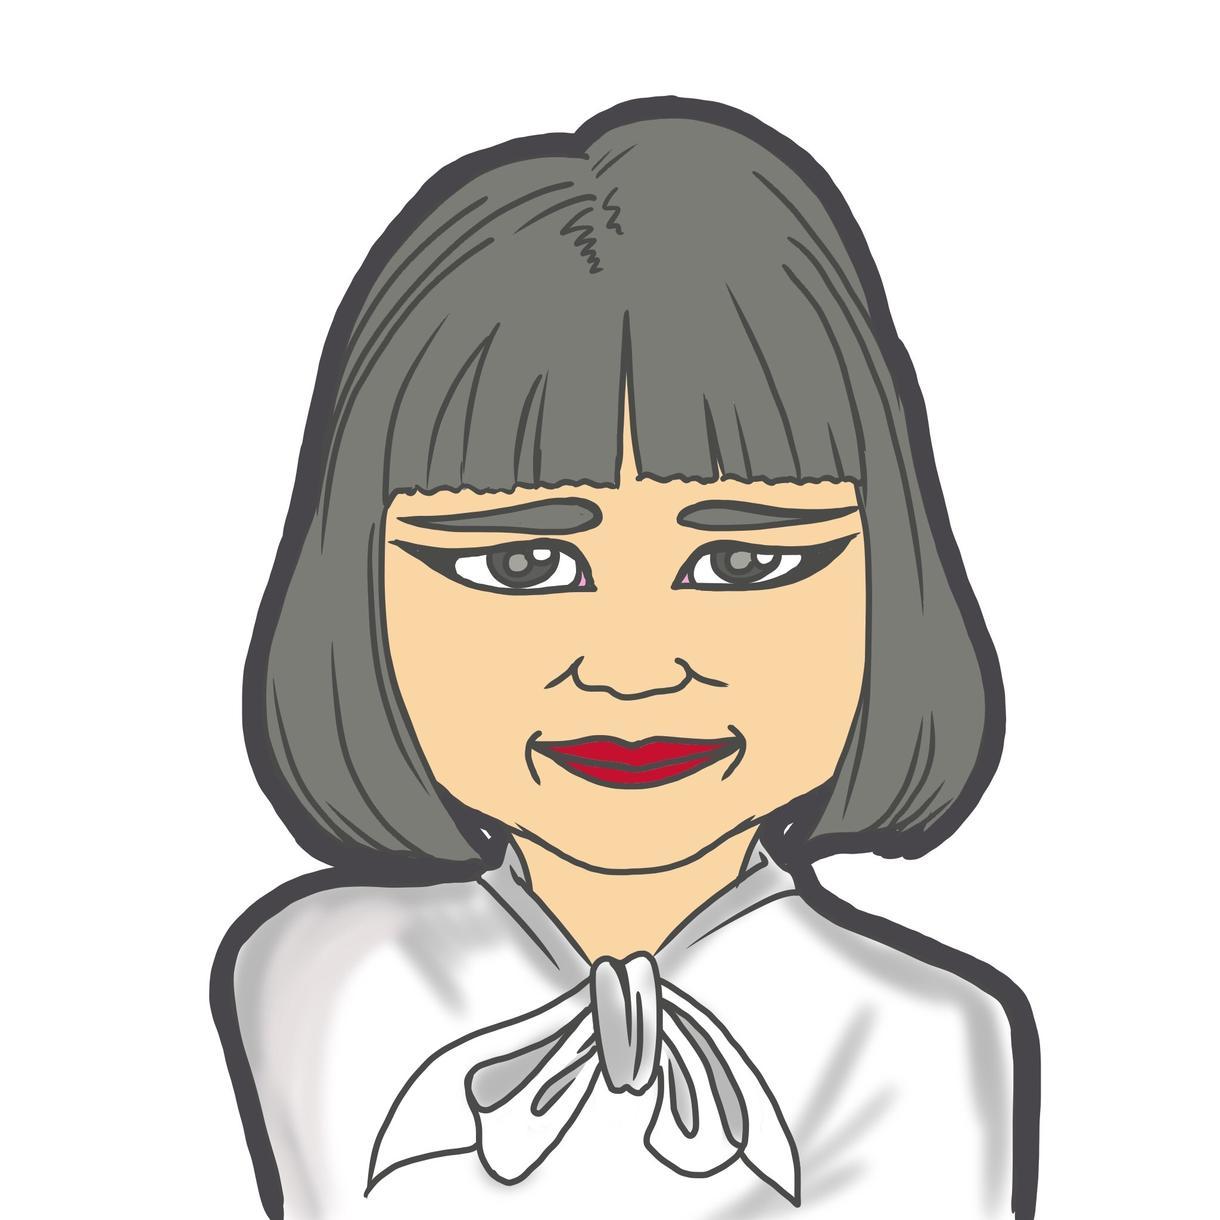 SNSアイコン名刺等 シンプル似顔絵描きます ちょっとかわいいデフォルトイラスト イメージ1